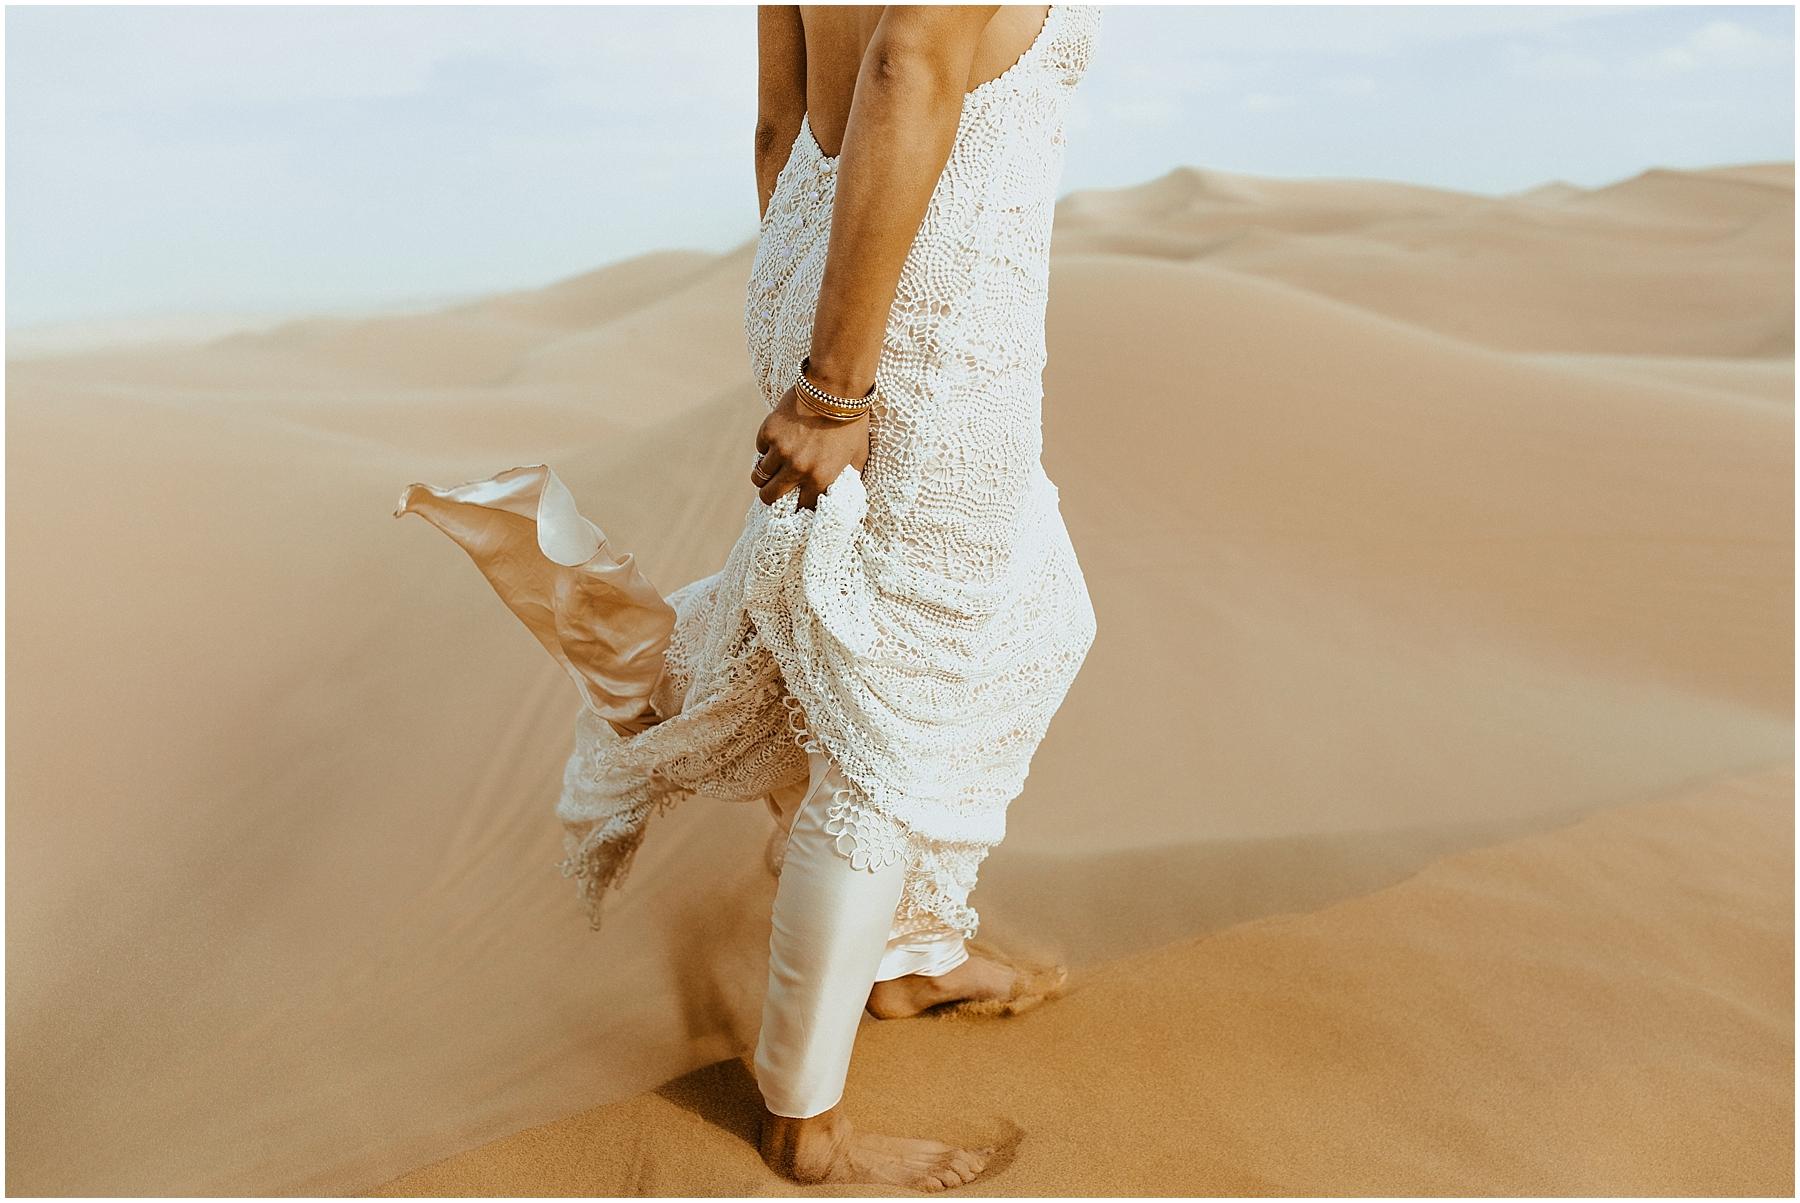 morocco_inspired_styled_shoot_0002.jpg